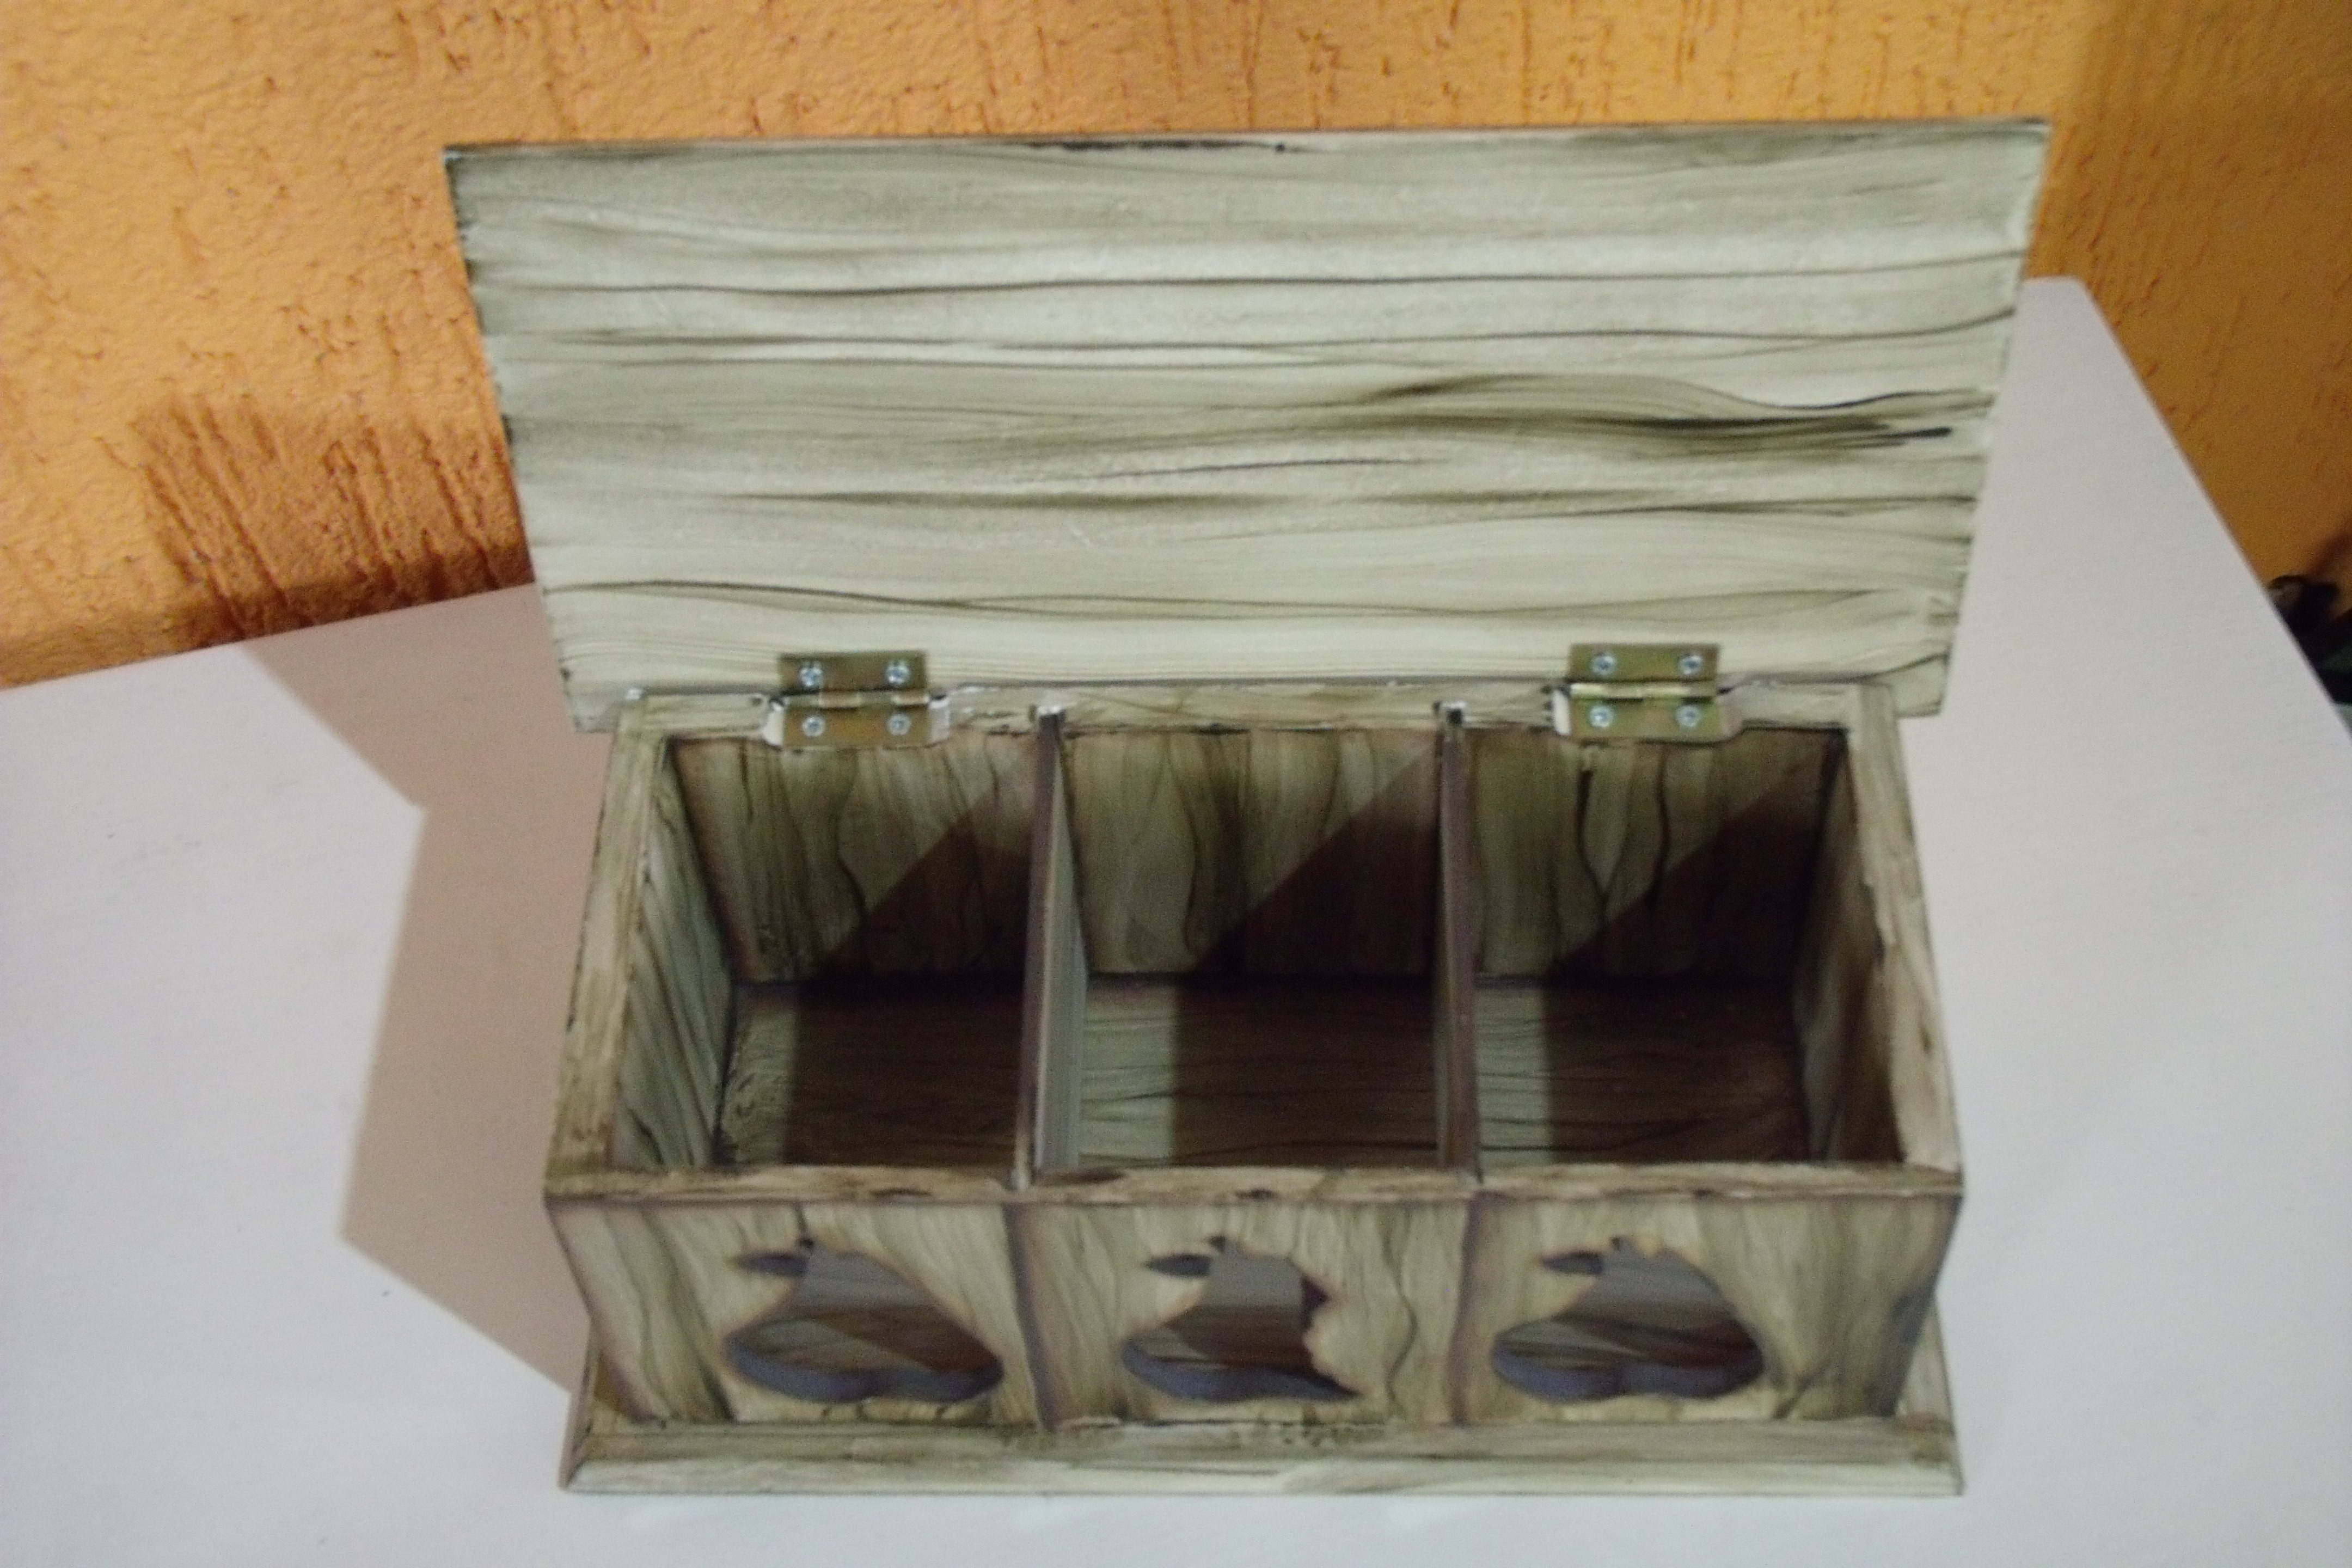 porta cha em mdf cozinha porta cha em mdf pintura imitando madeira #996B32 4320x2880